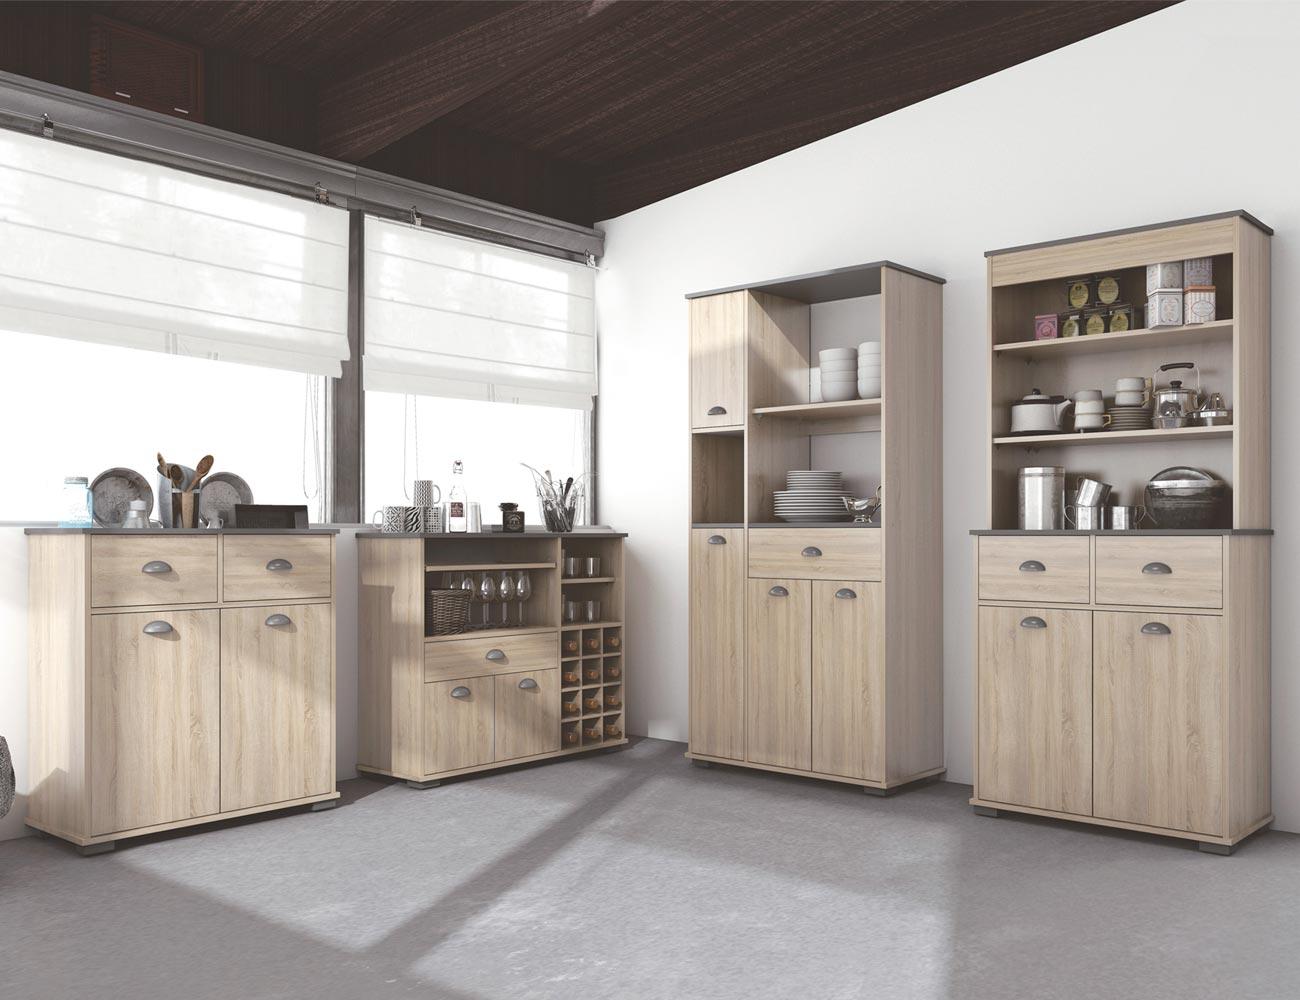 Mueble Buffet de cocina de 90 cm de alto (21464) | Factory del ...